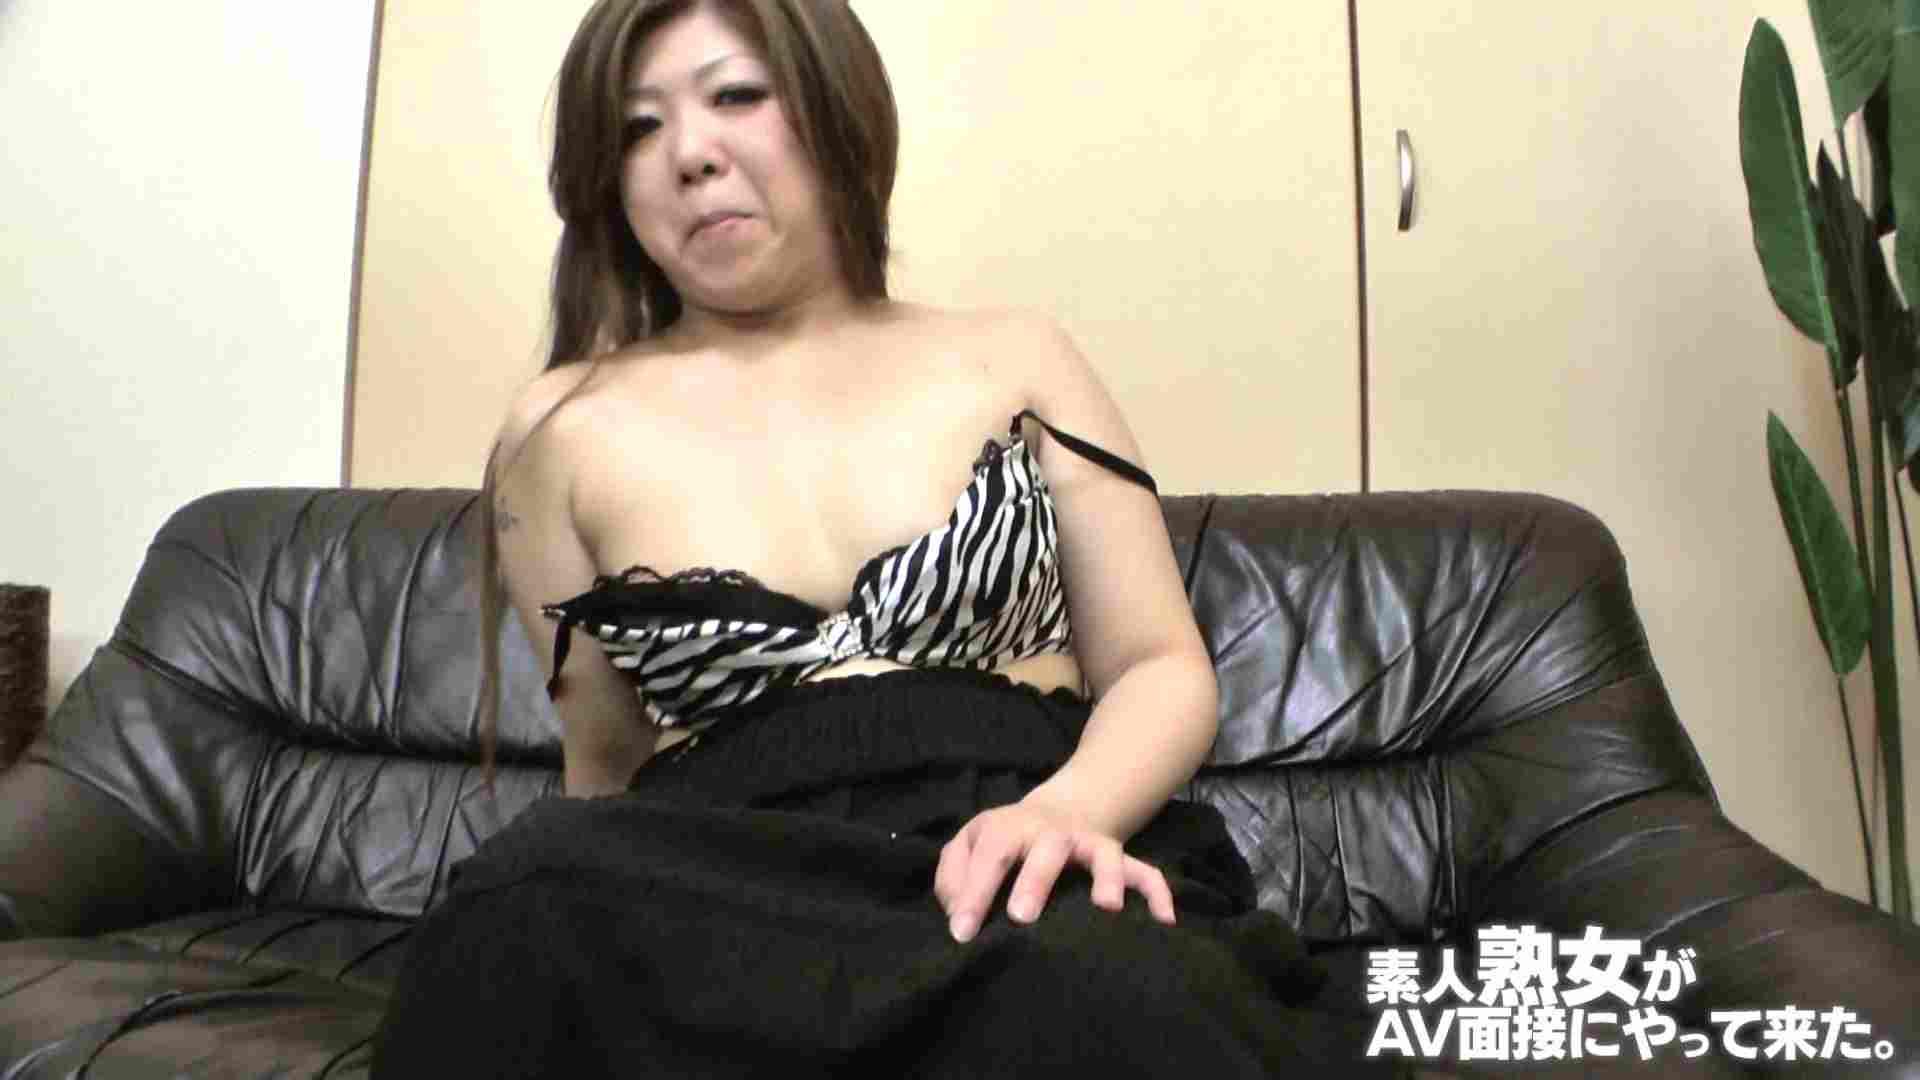 素人熟女がAV面接にやってきた (仮名)ゆかさんVOL.03 OL裸体 | 素人  52画像 32